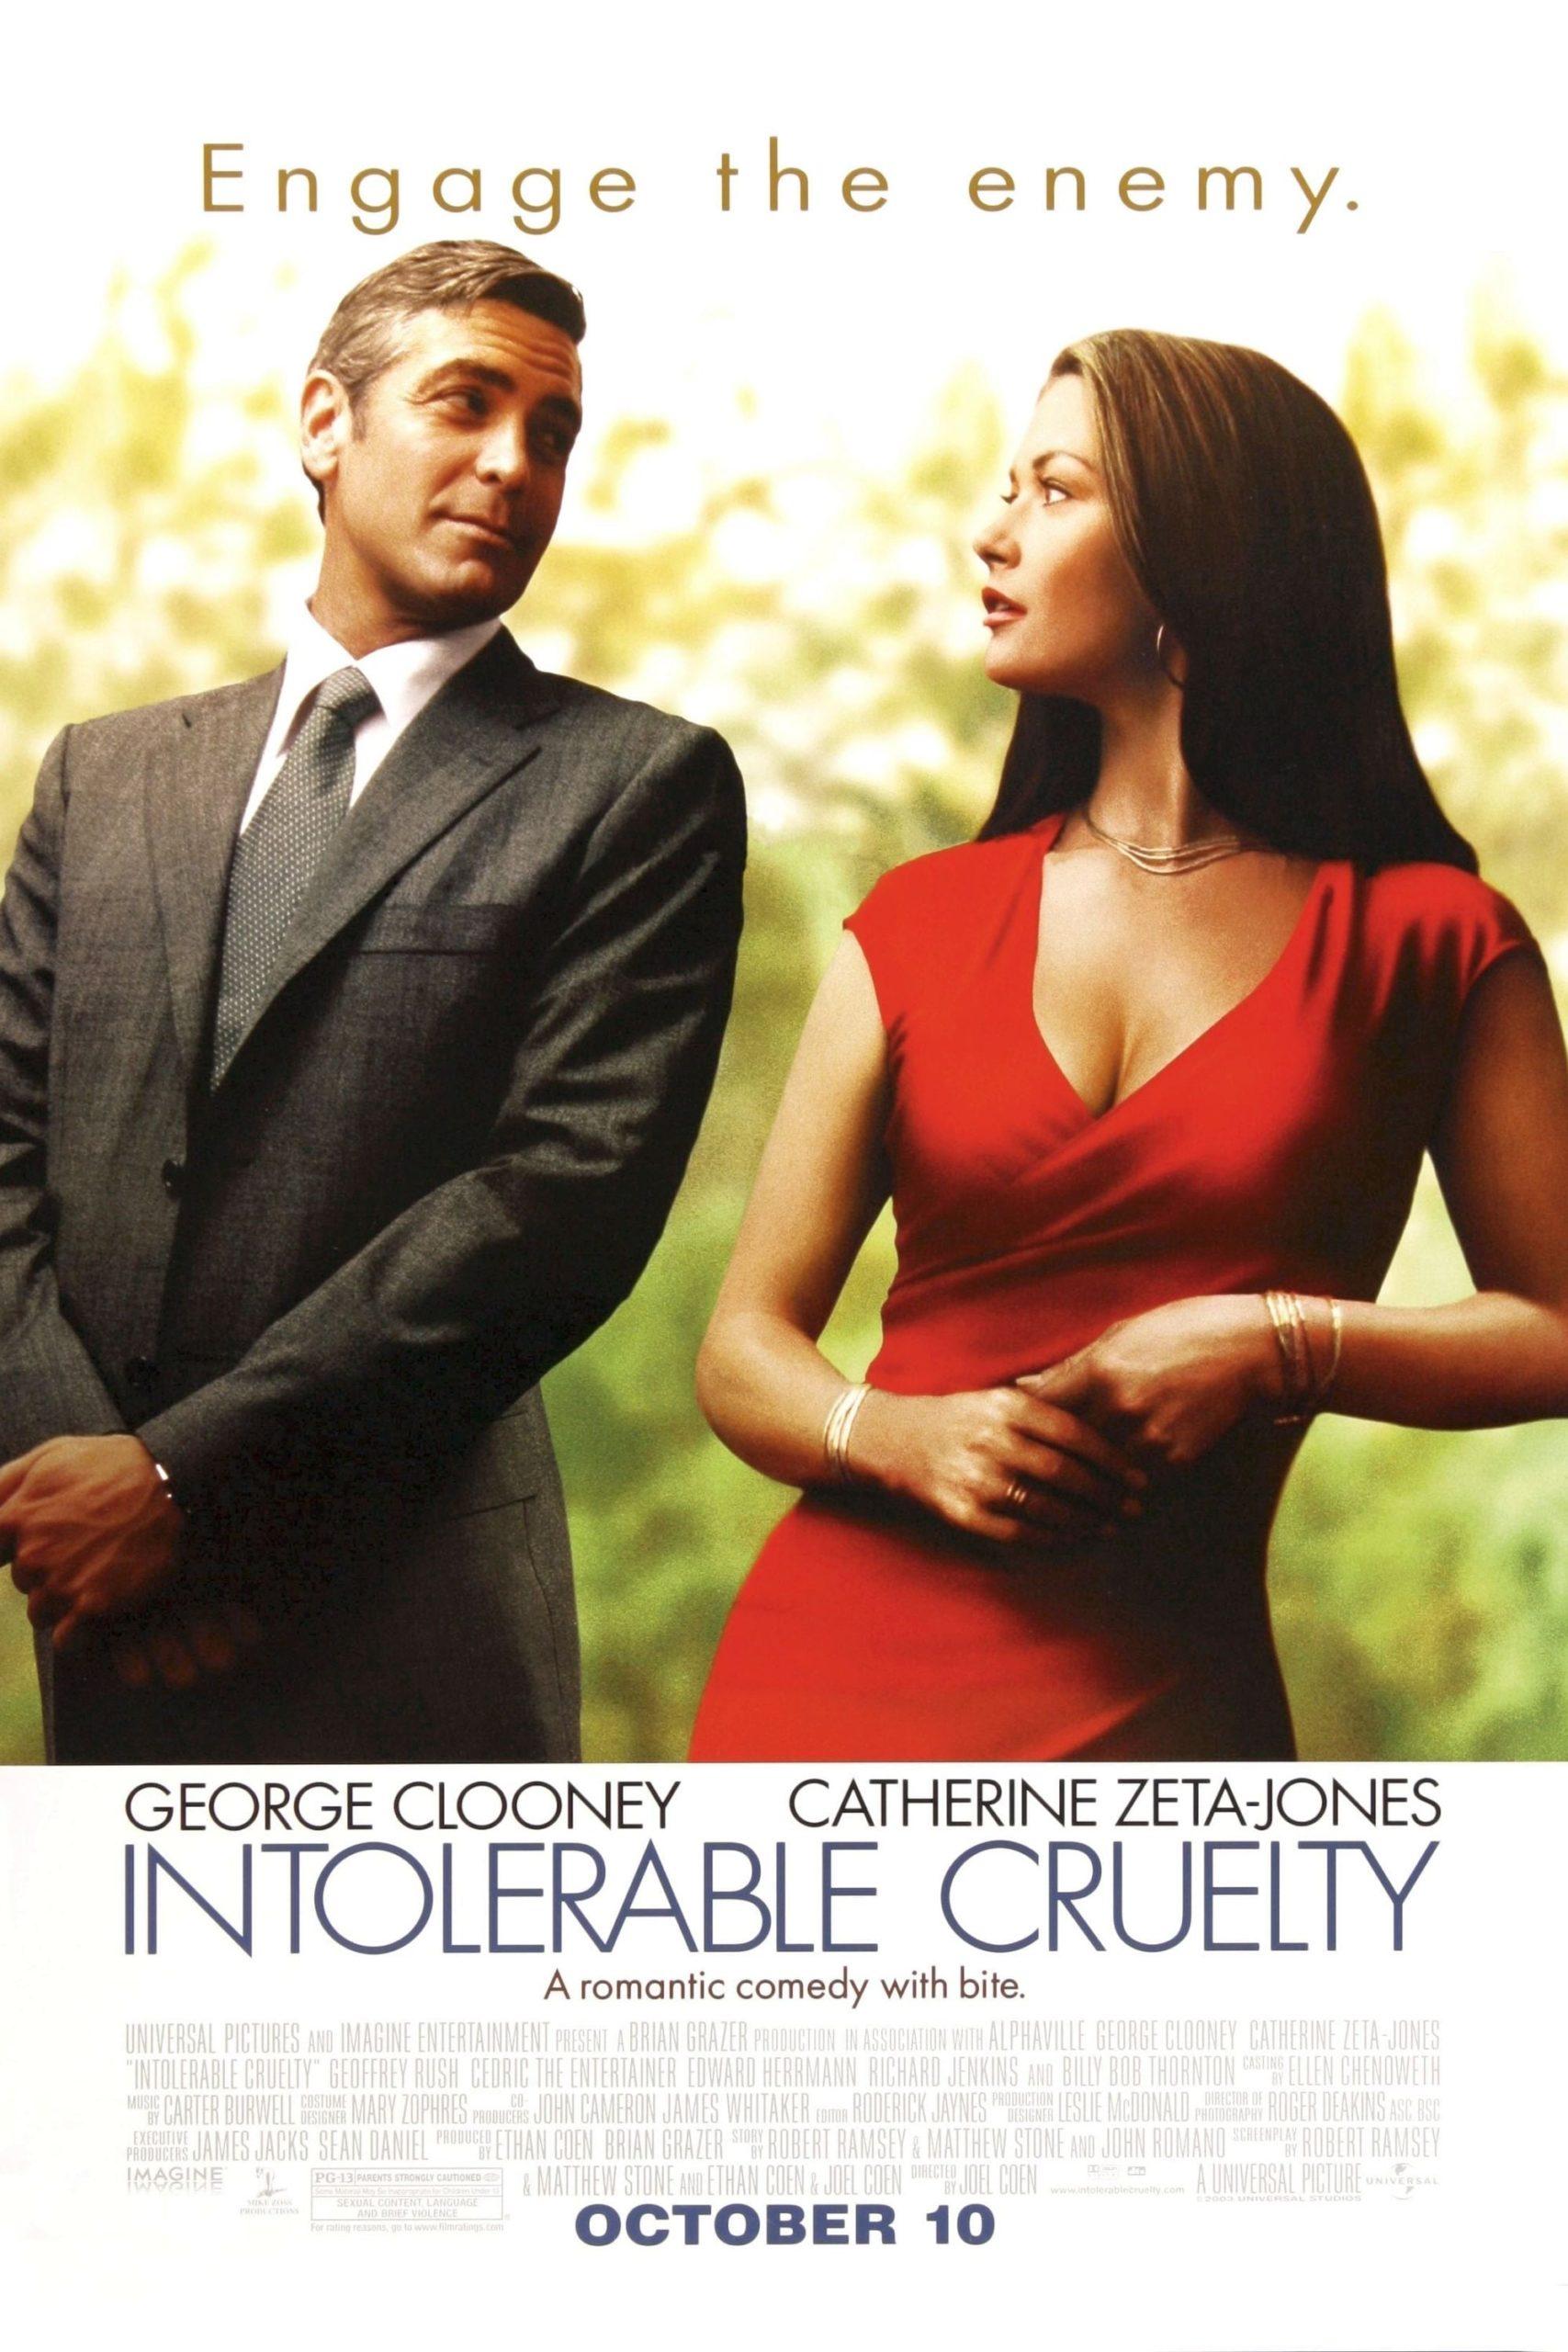 Intolerable Cruelty poster